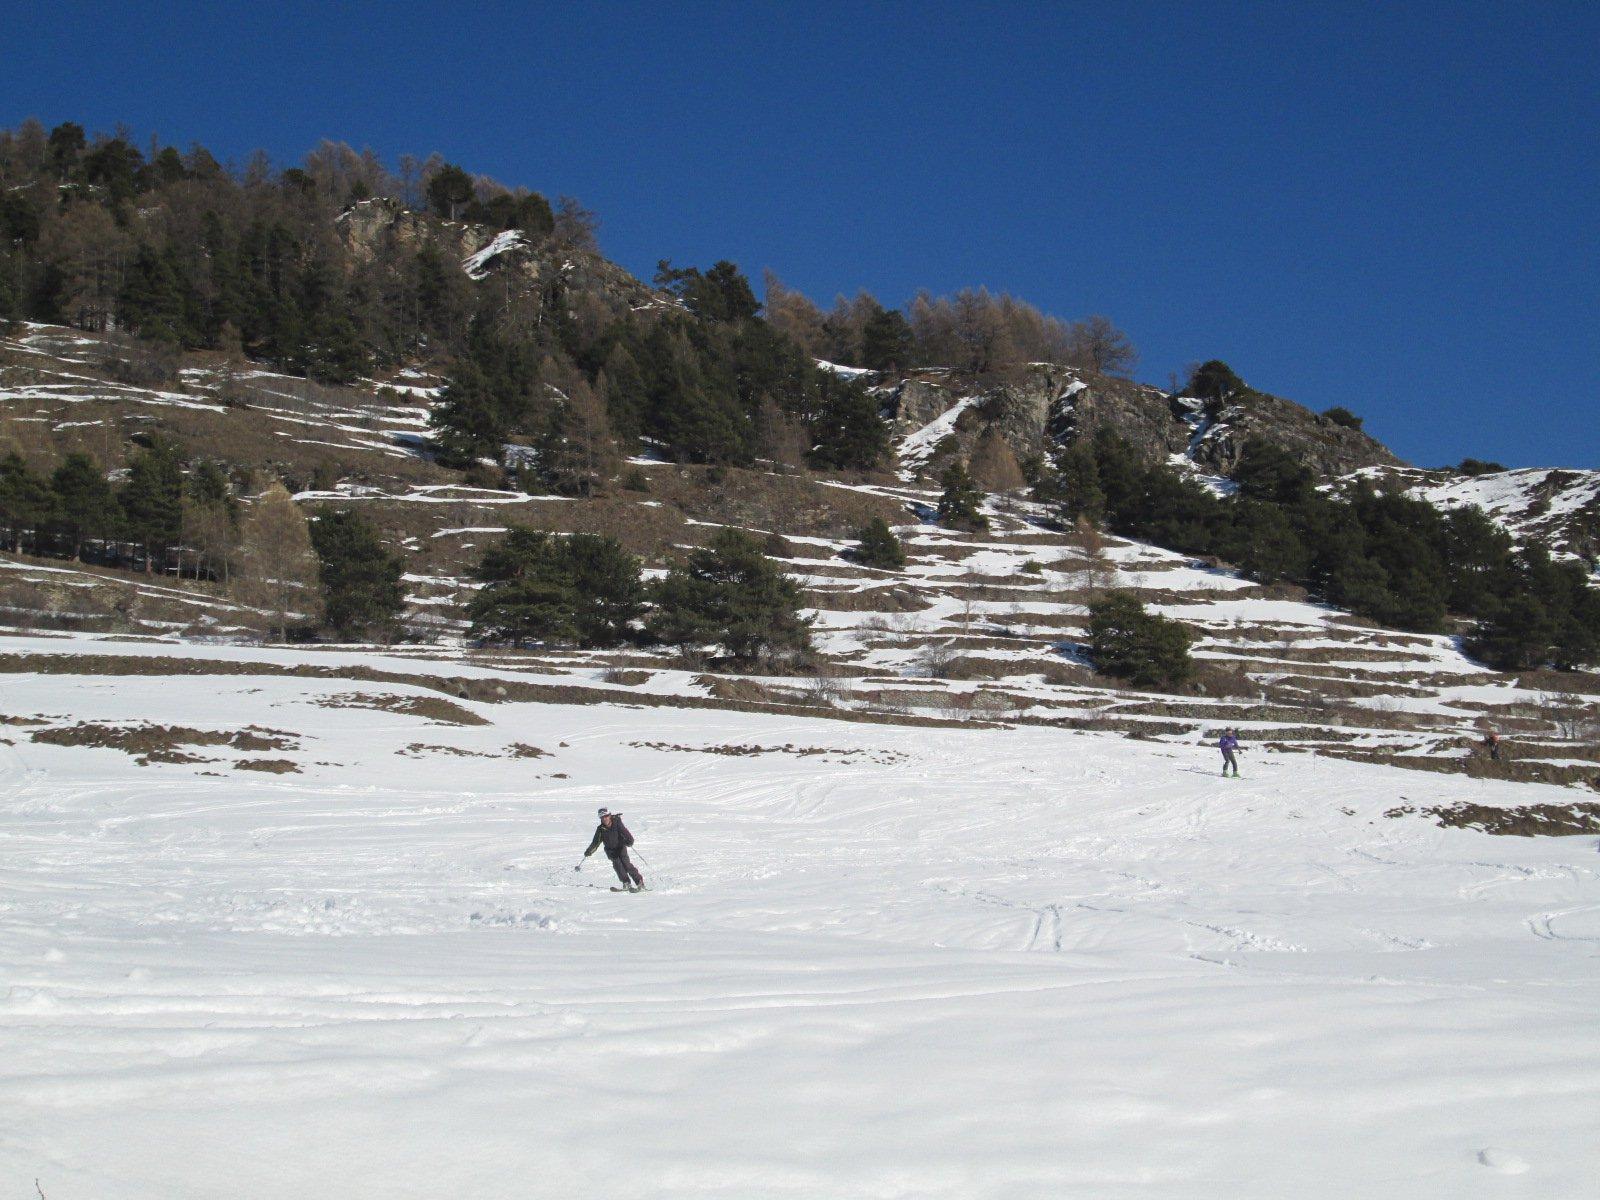 ultime curve su neve primaverile